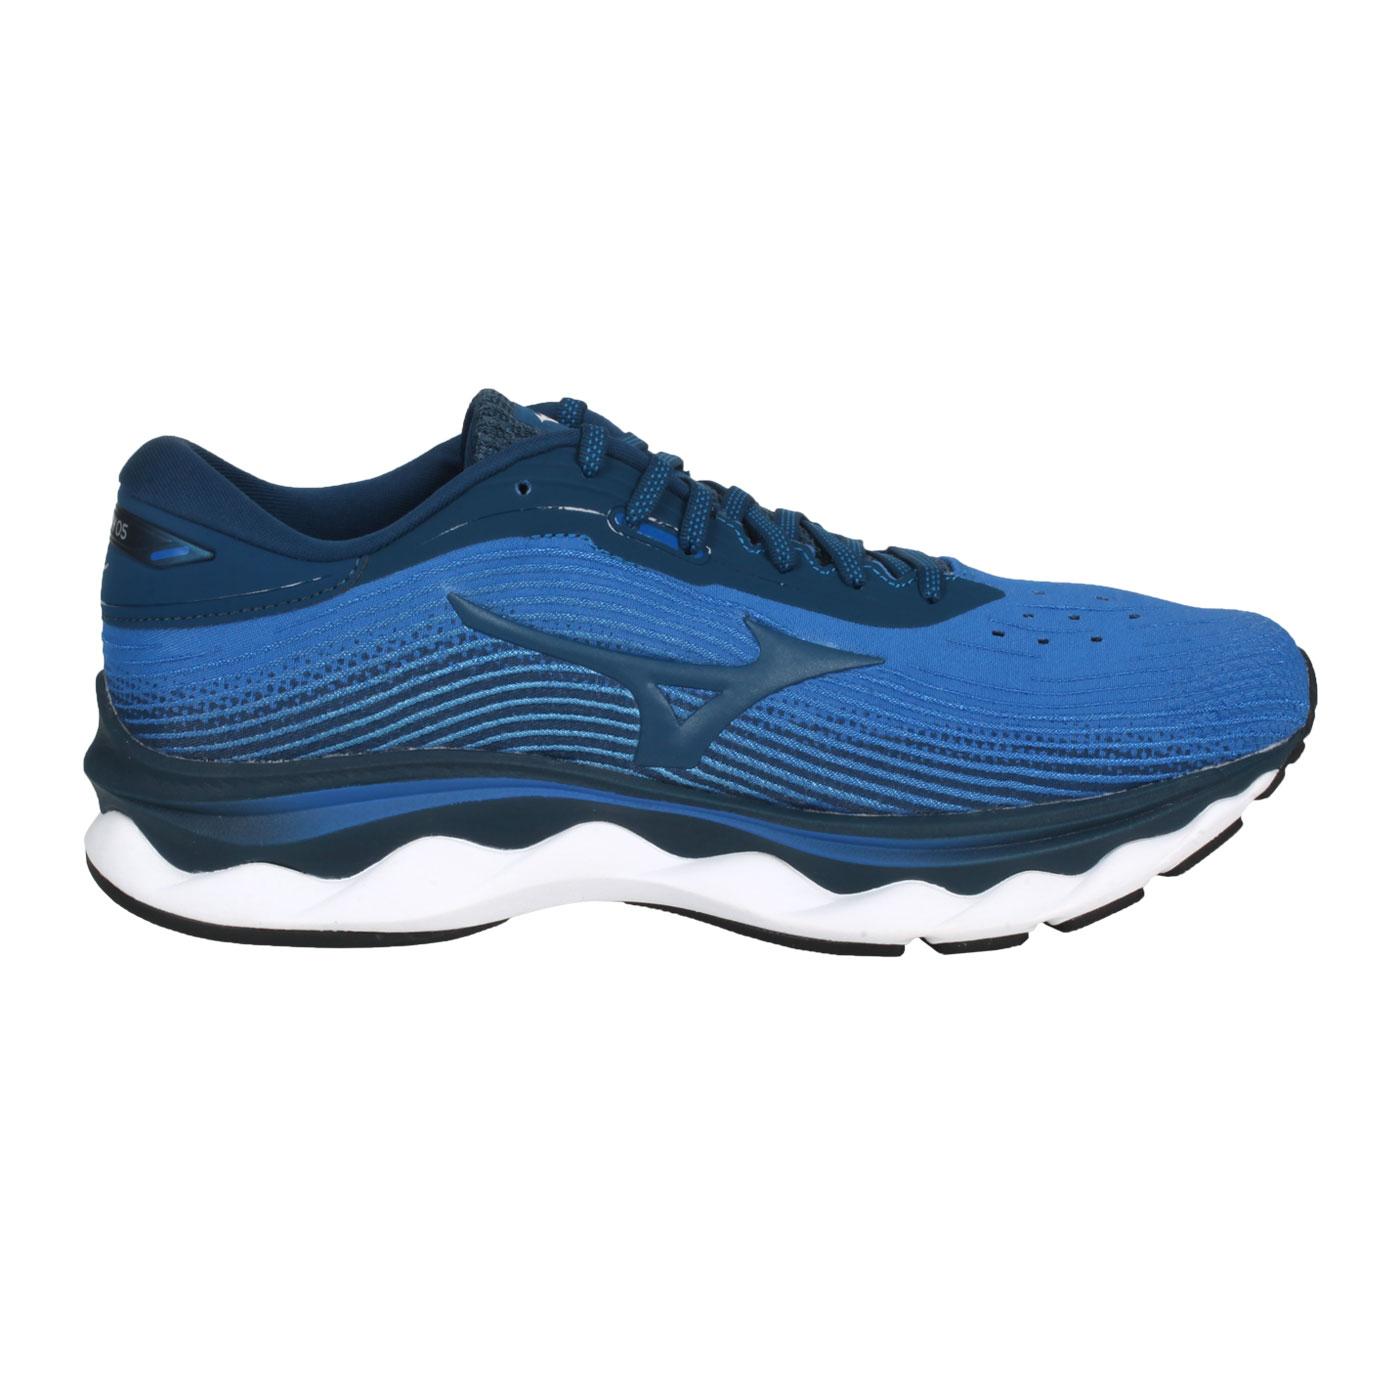 MIZUNO 男款慢跑鞋-4E  @WAVE SKY 5 SW@J1GC211184 - 藍綠